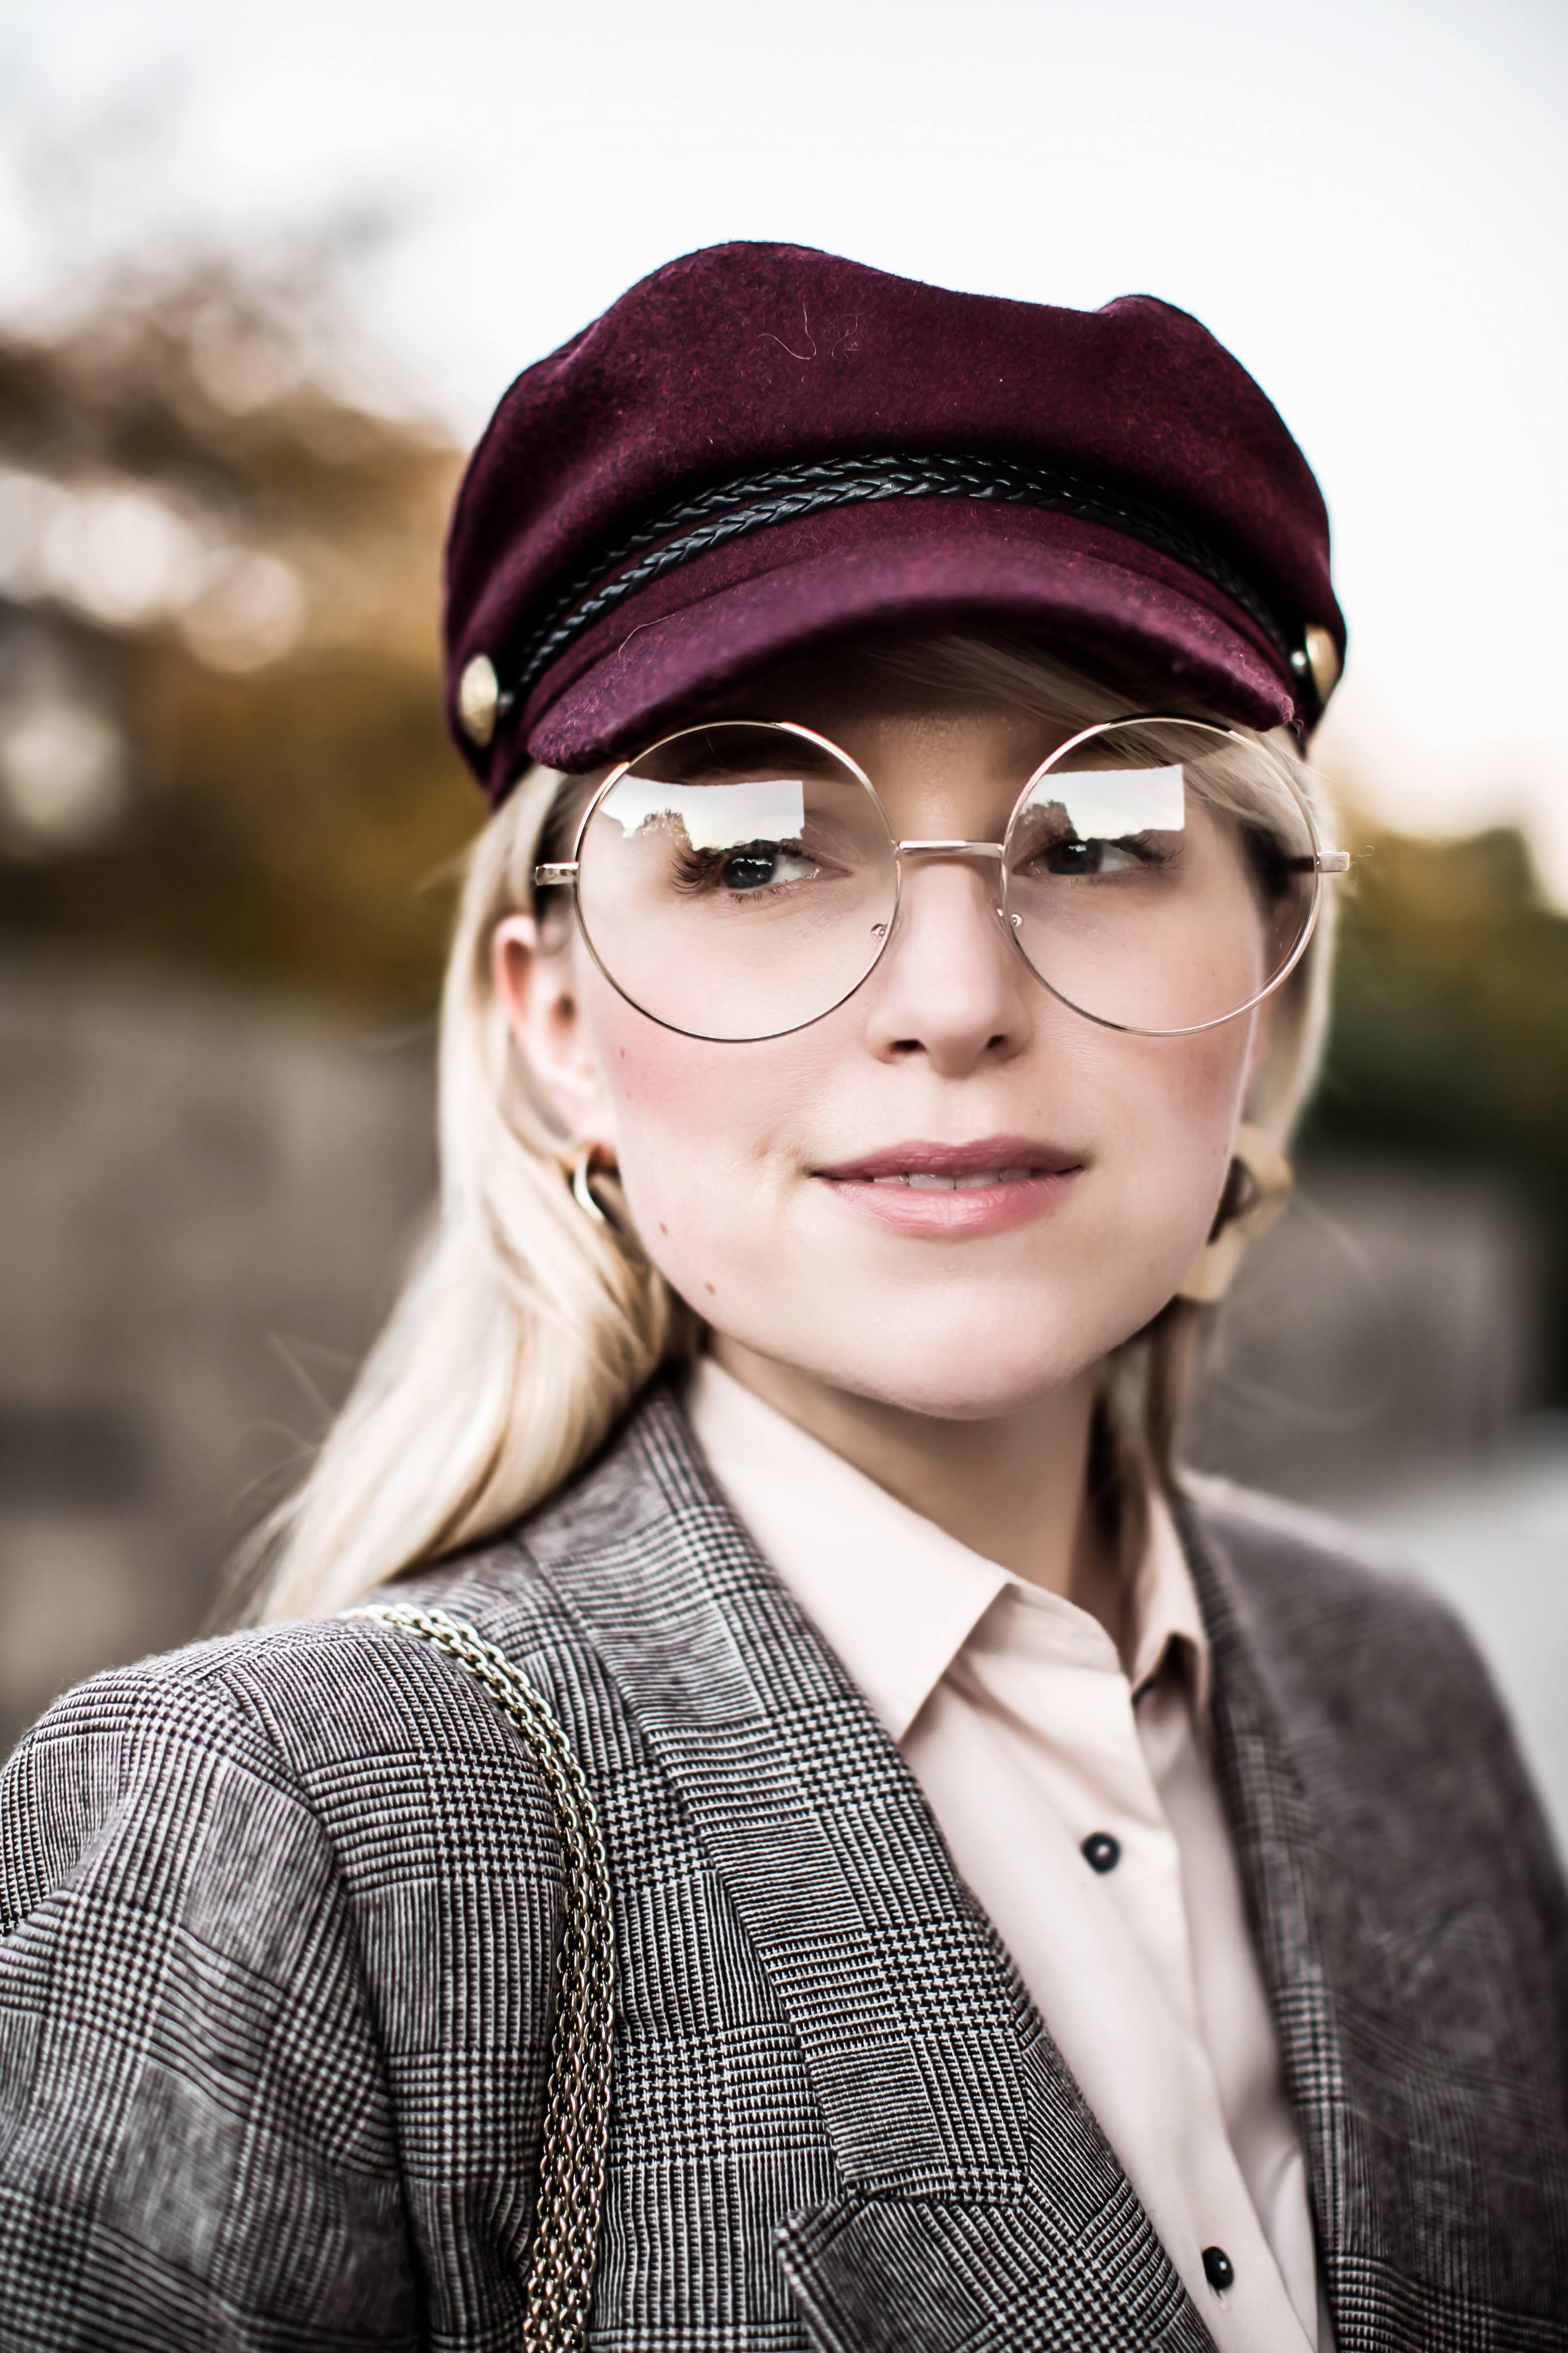 BakerBoy Hat chic brit chic balzer zara herbstoutfit inspiration